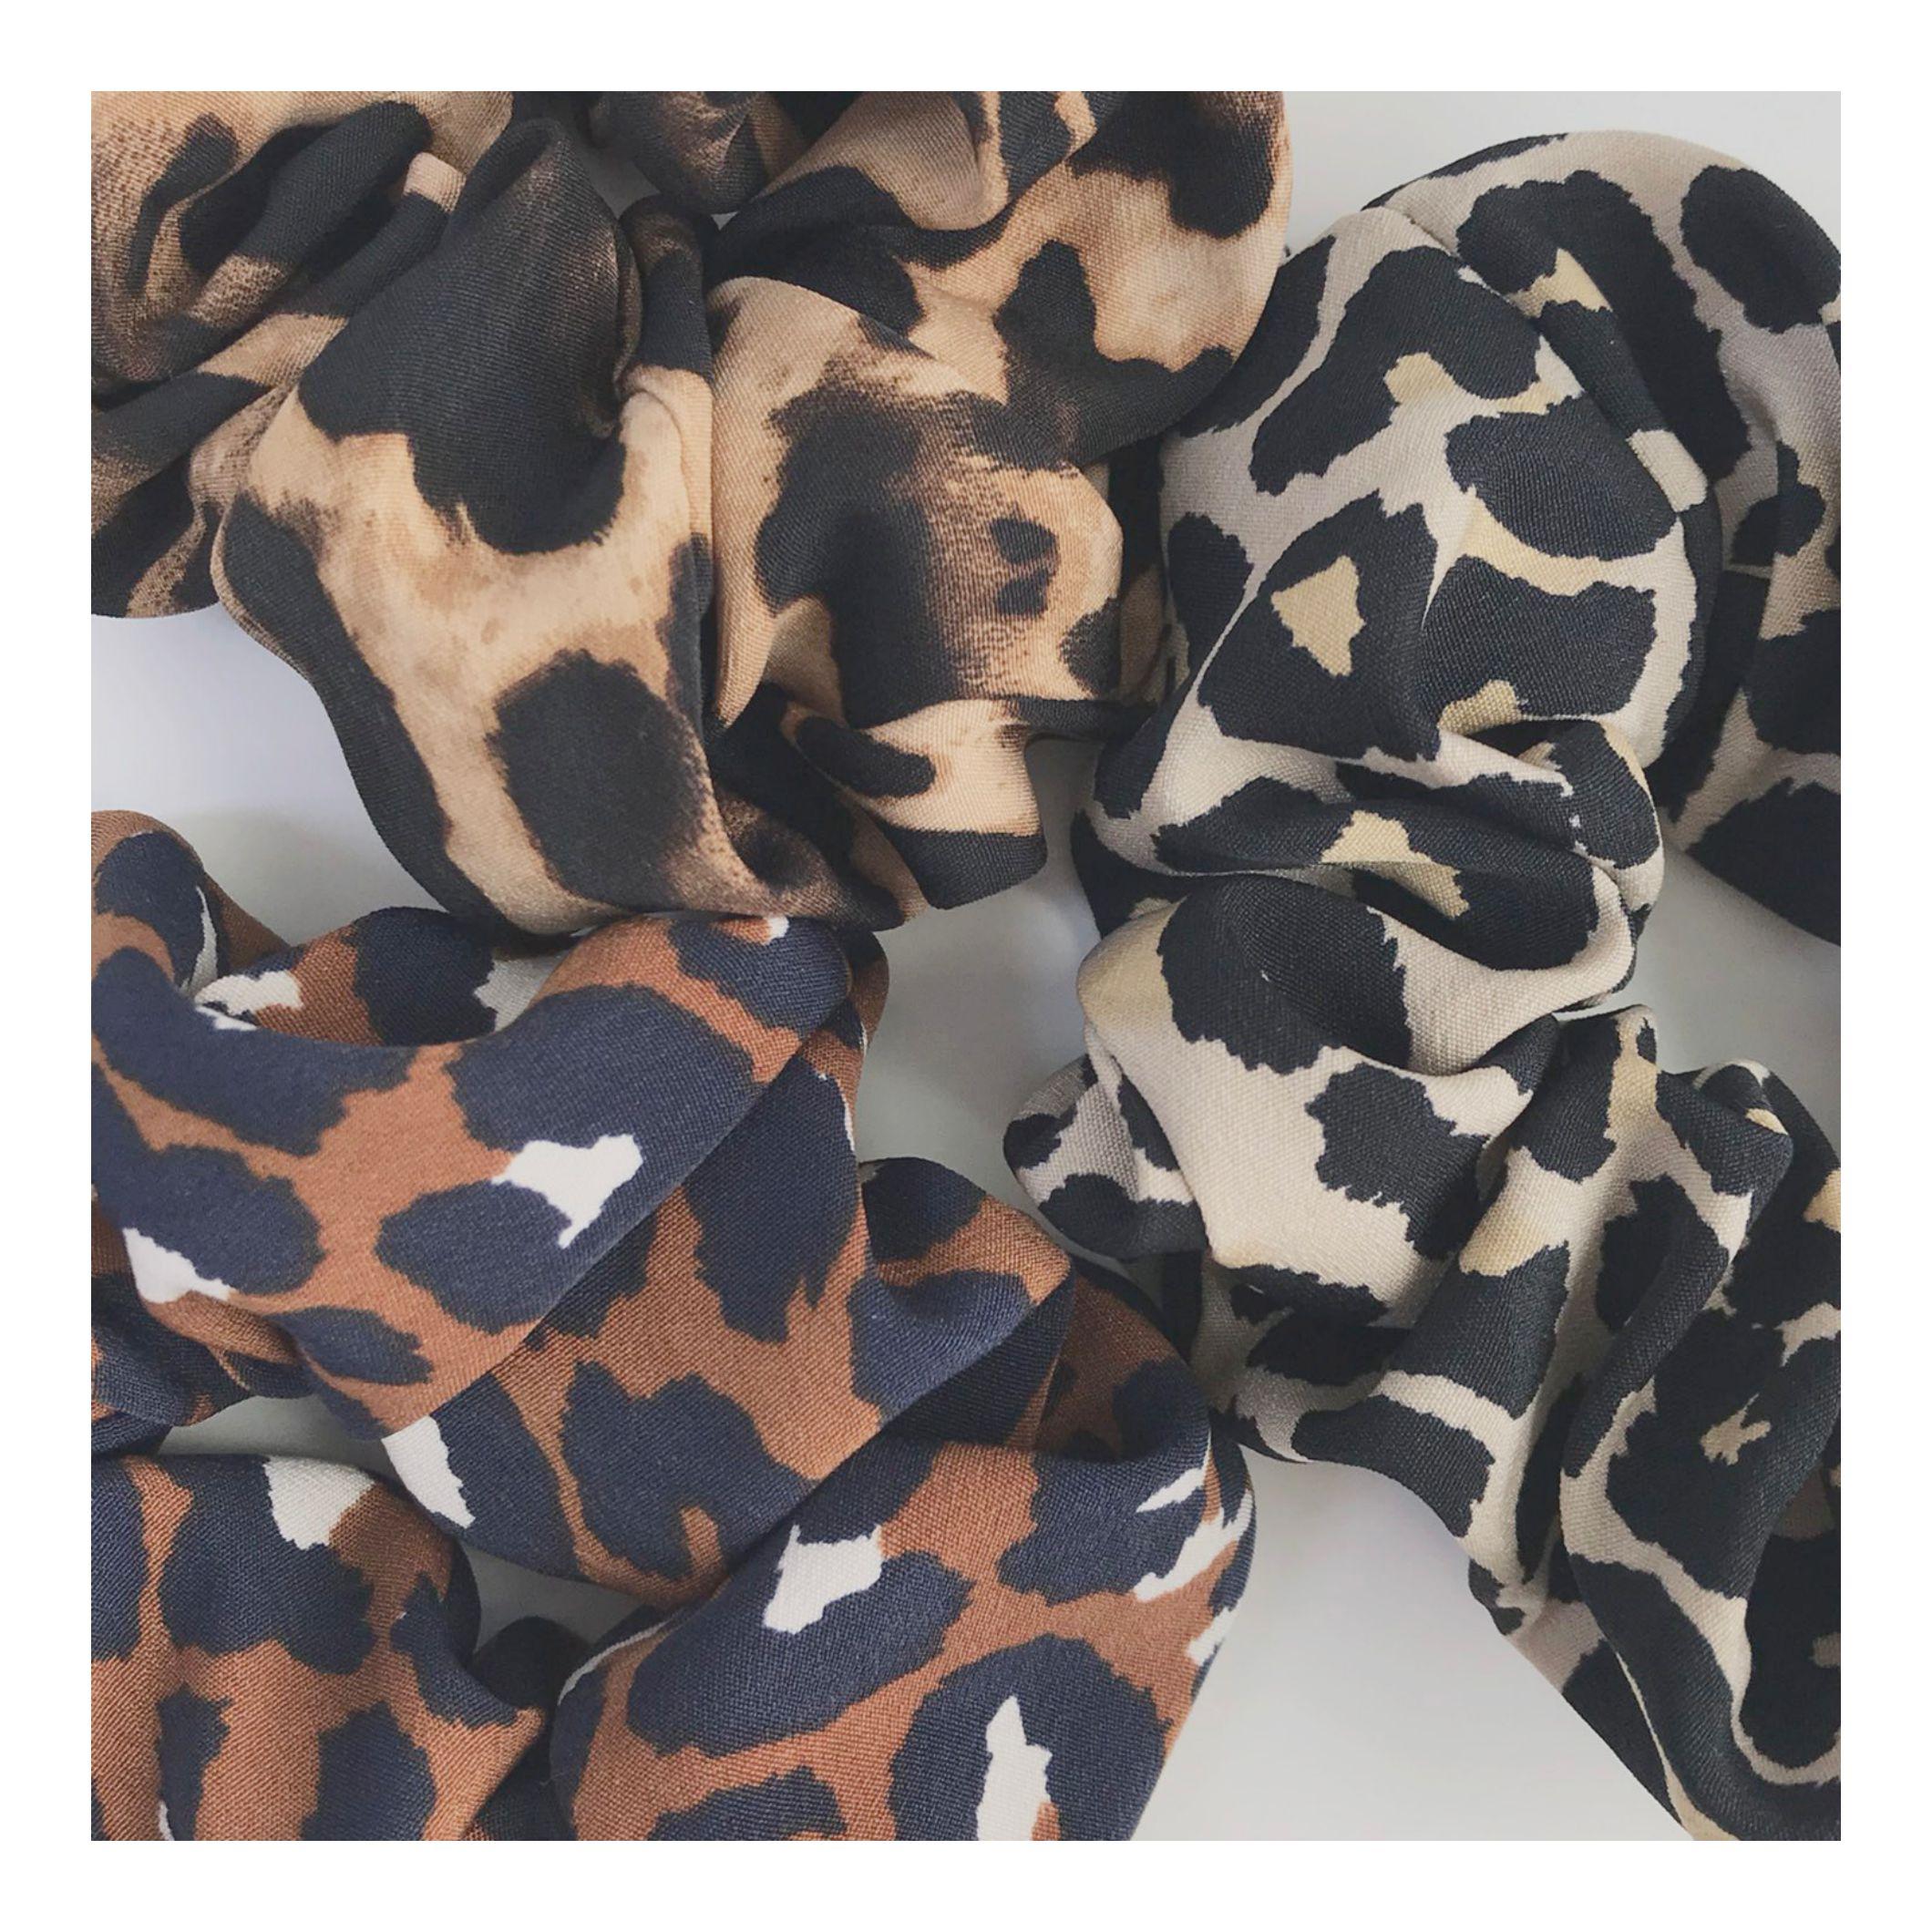 레오파드 슈슈 (3color) - 포이스튜디오, 8,000원, 헤어핀/밴드/끈, 헤어핀/끈